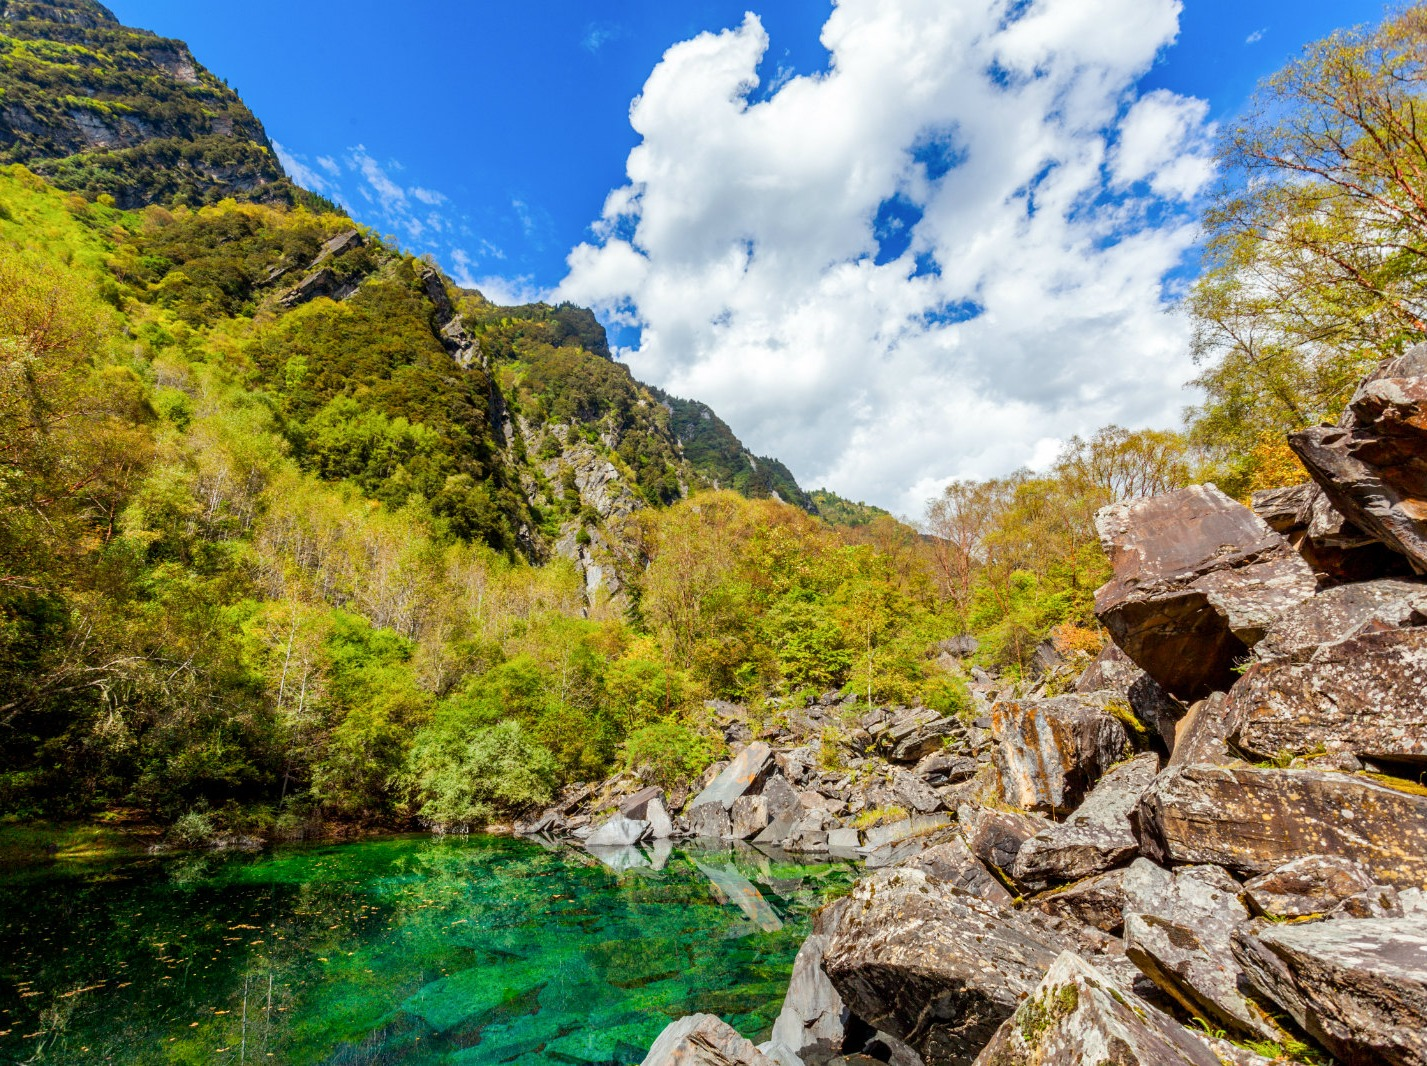 6月8号松坪沟两日游最美的川西风景线